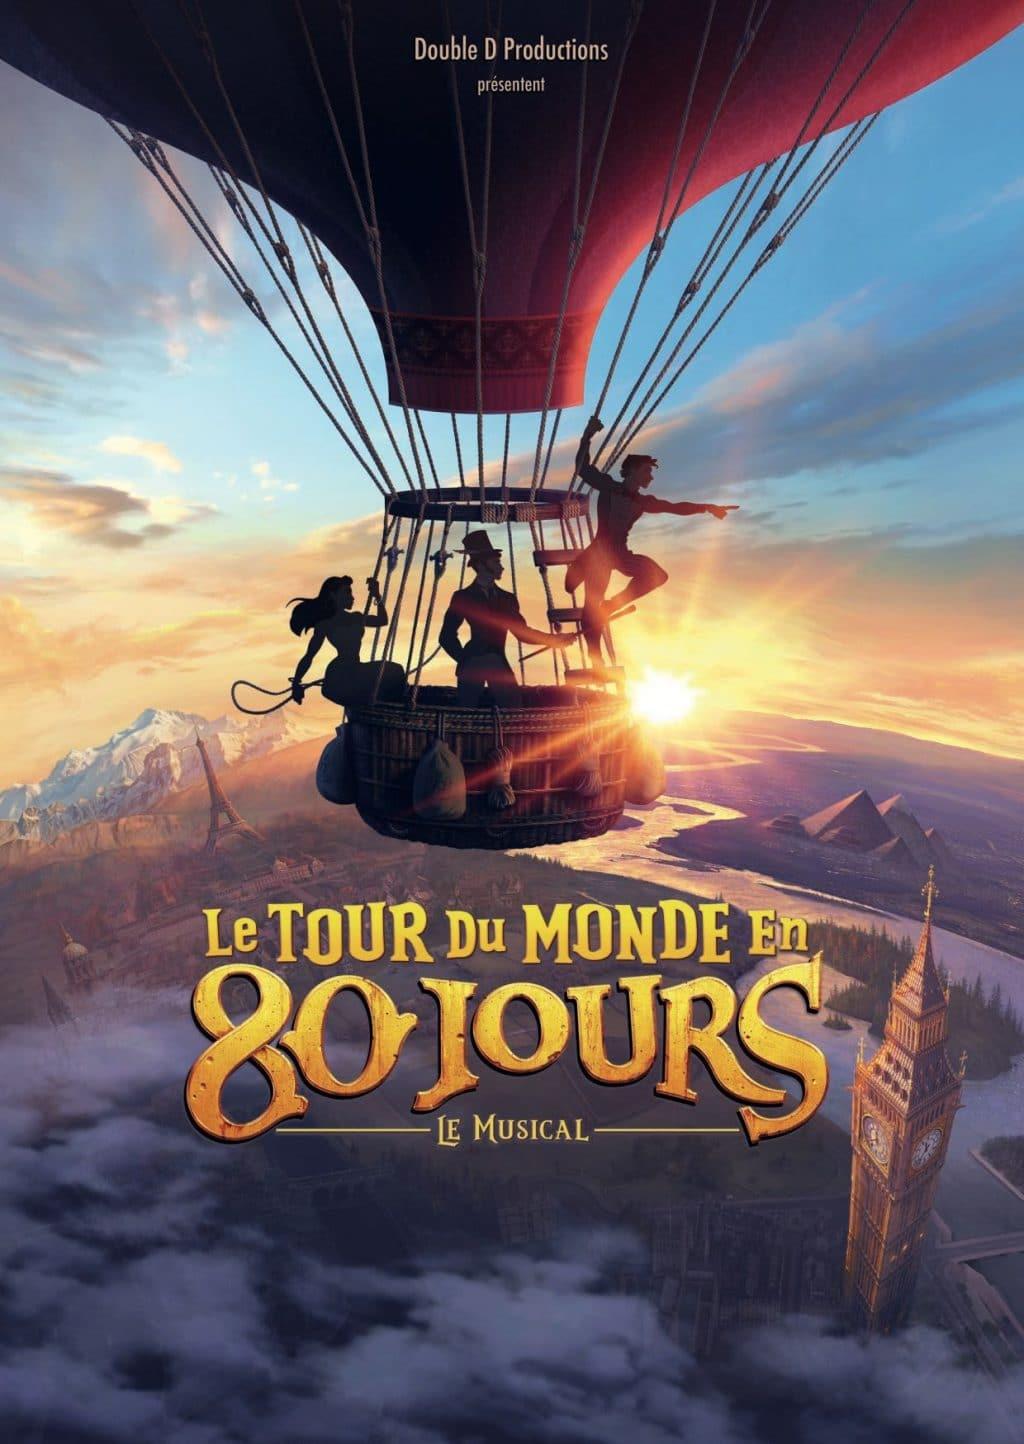 Le Tour Du Monde en 80 Jours, LE MUSICAL_L'Evenement Spectacle